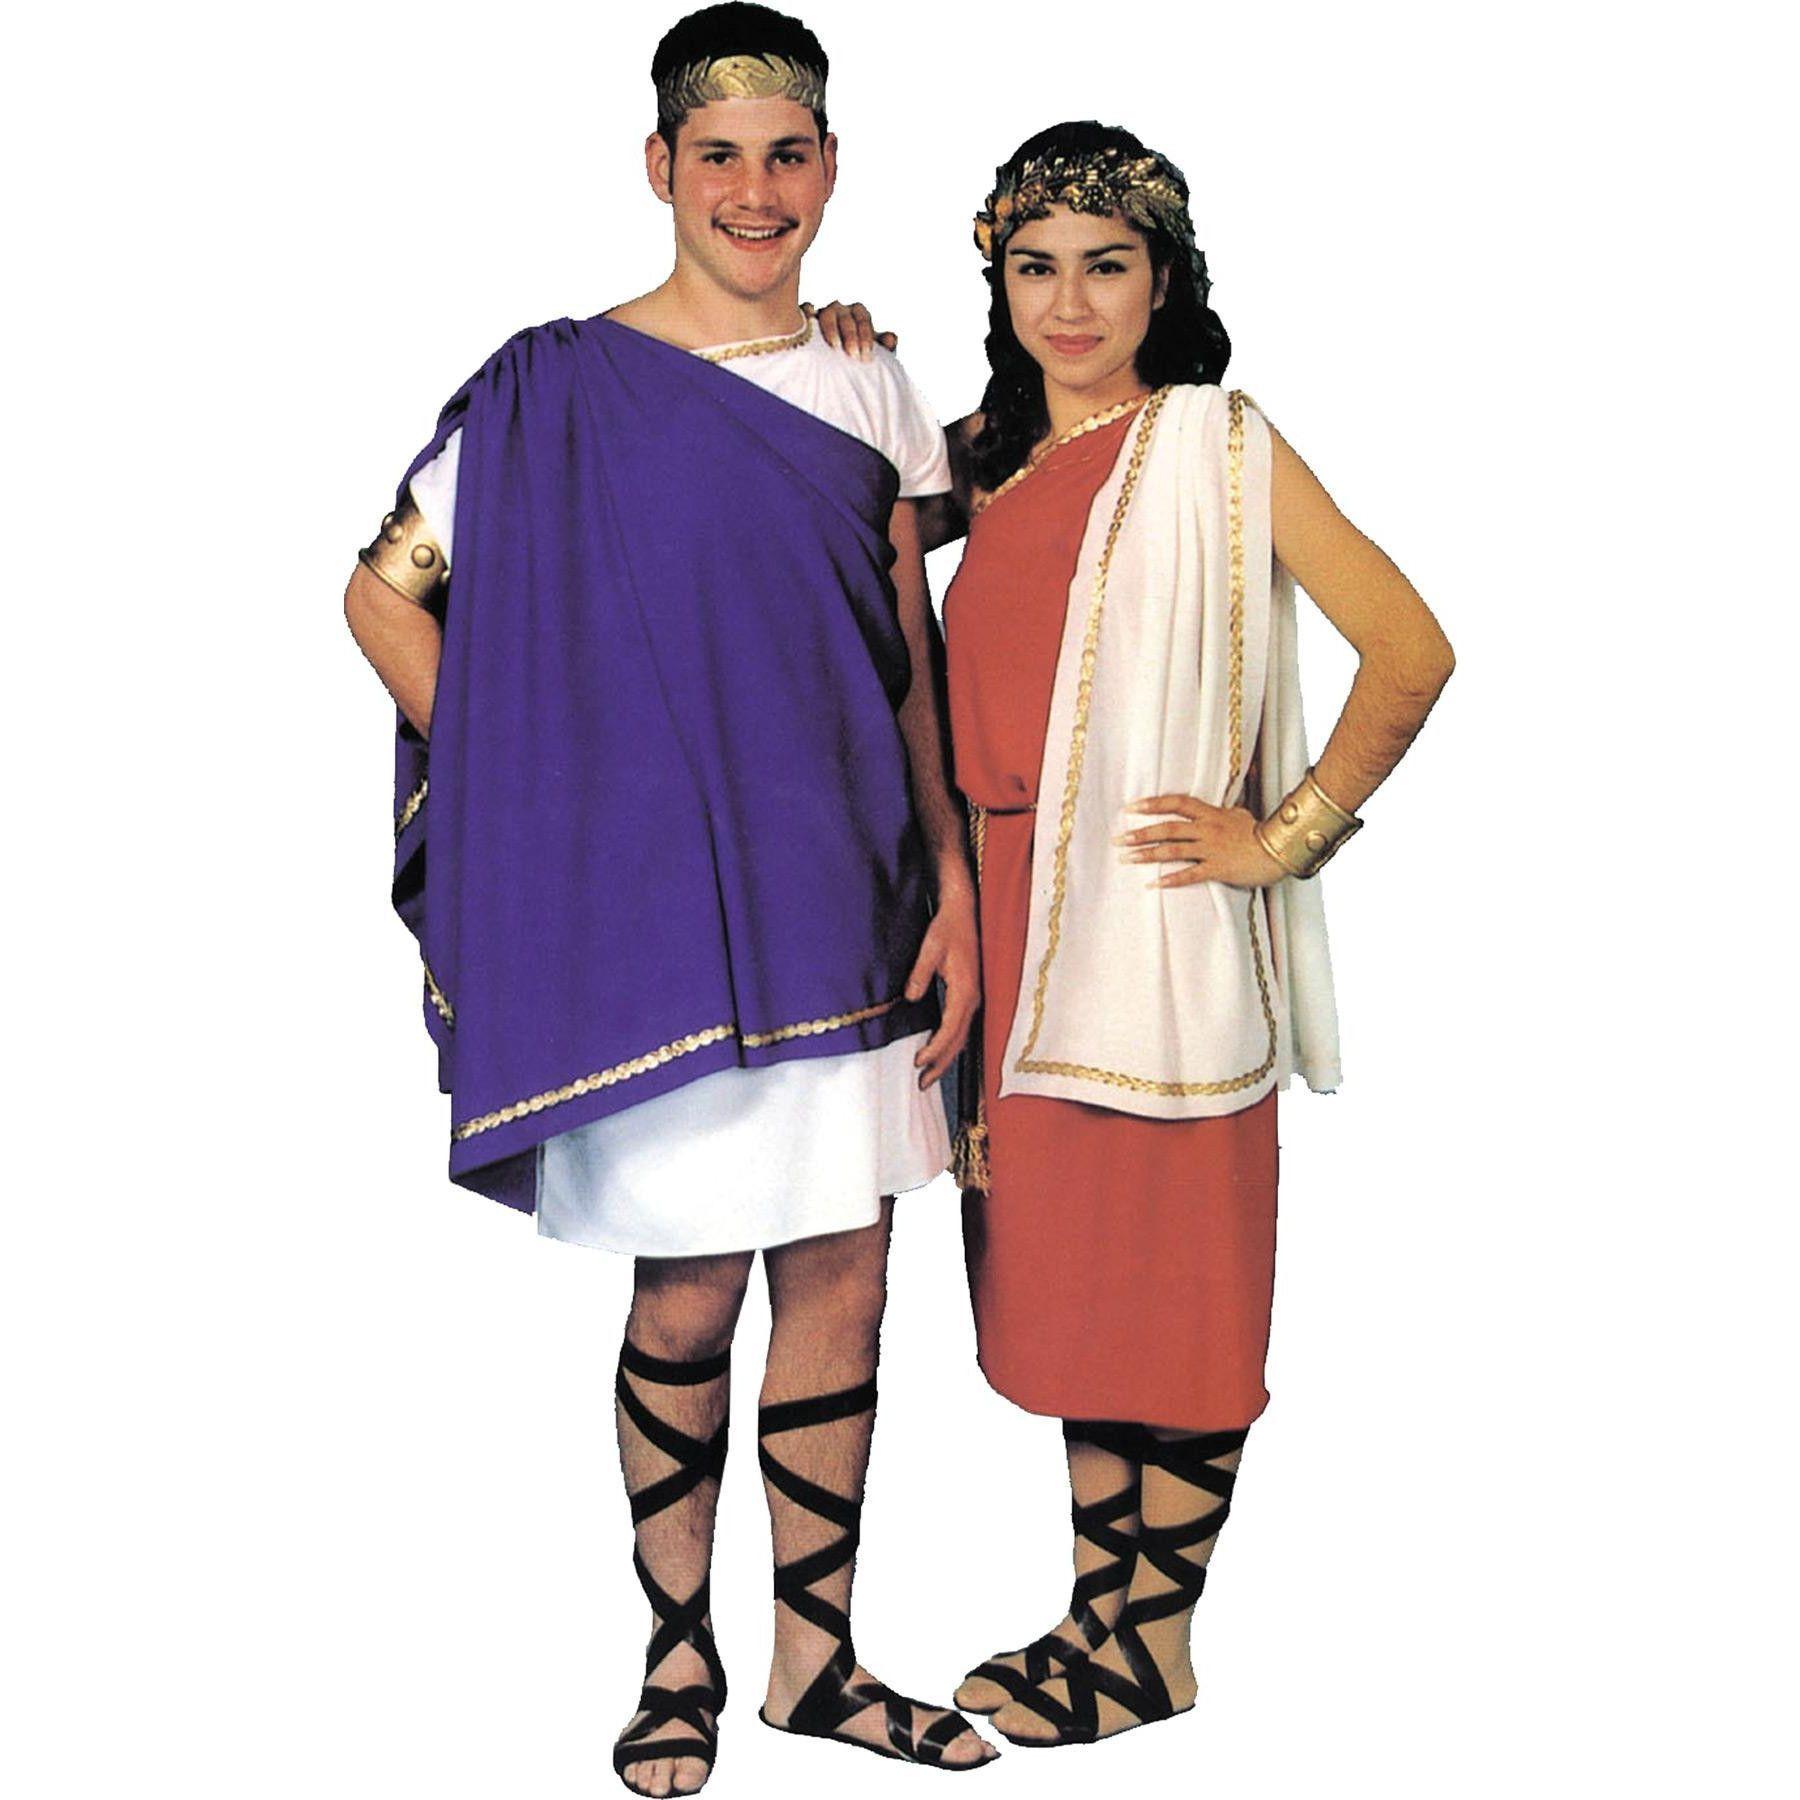 Nett Toga Partykleid Ideen Fotos - Hochzeit Kleid Stile Ideen ...